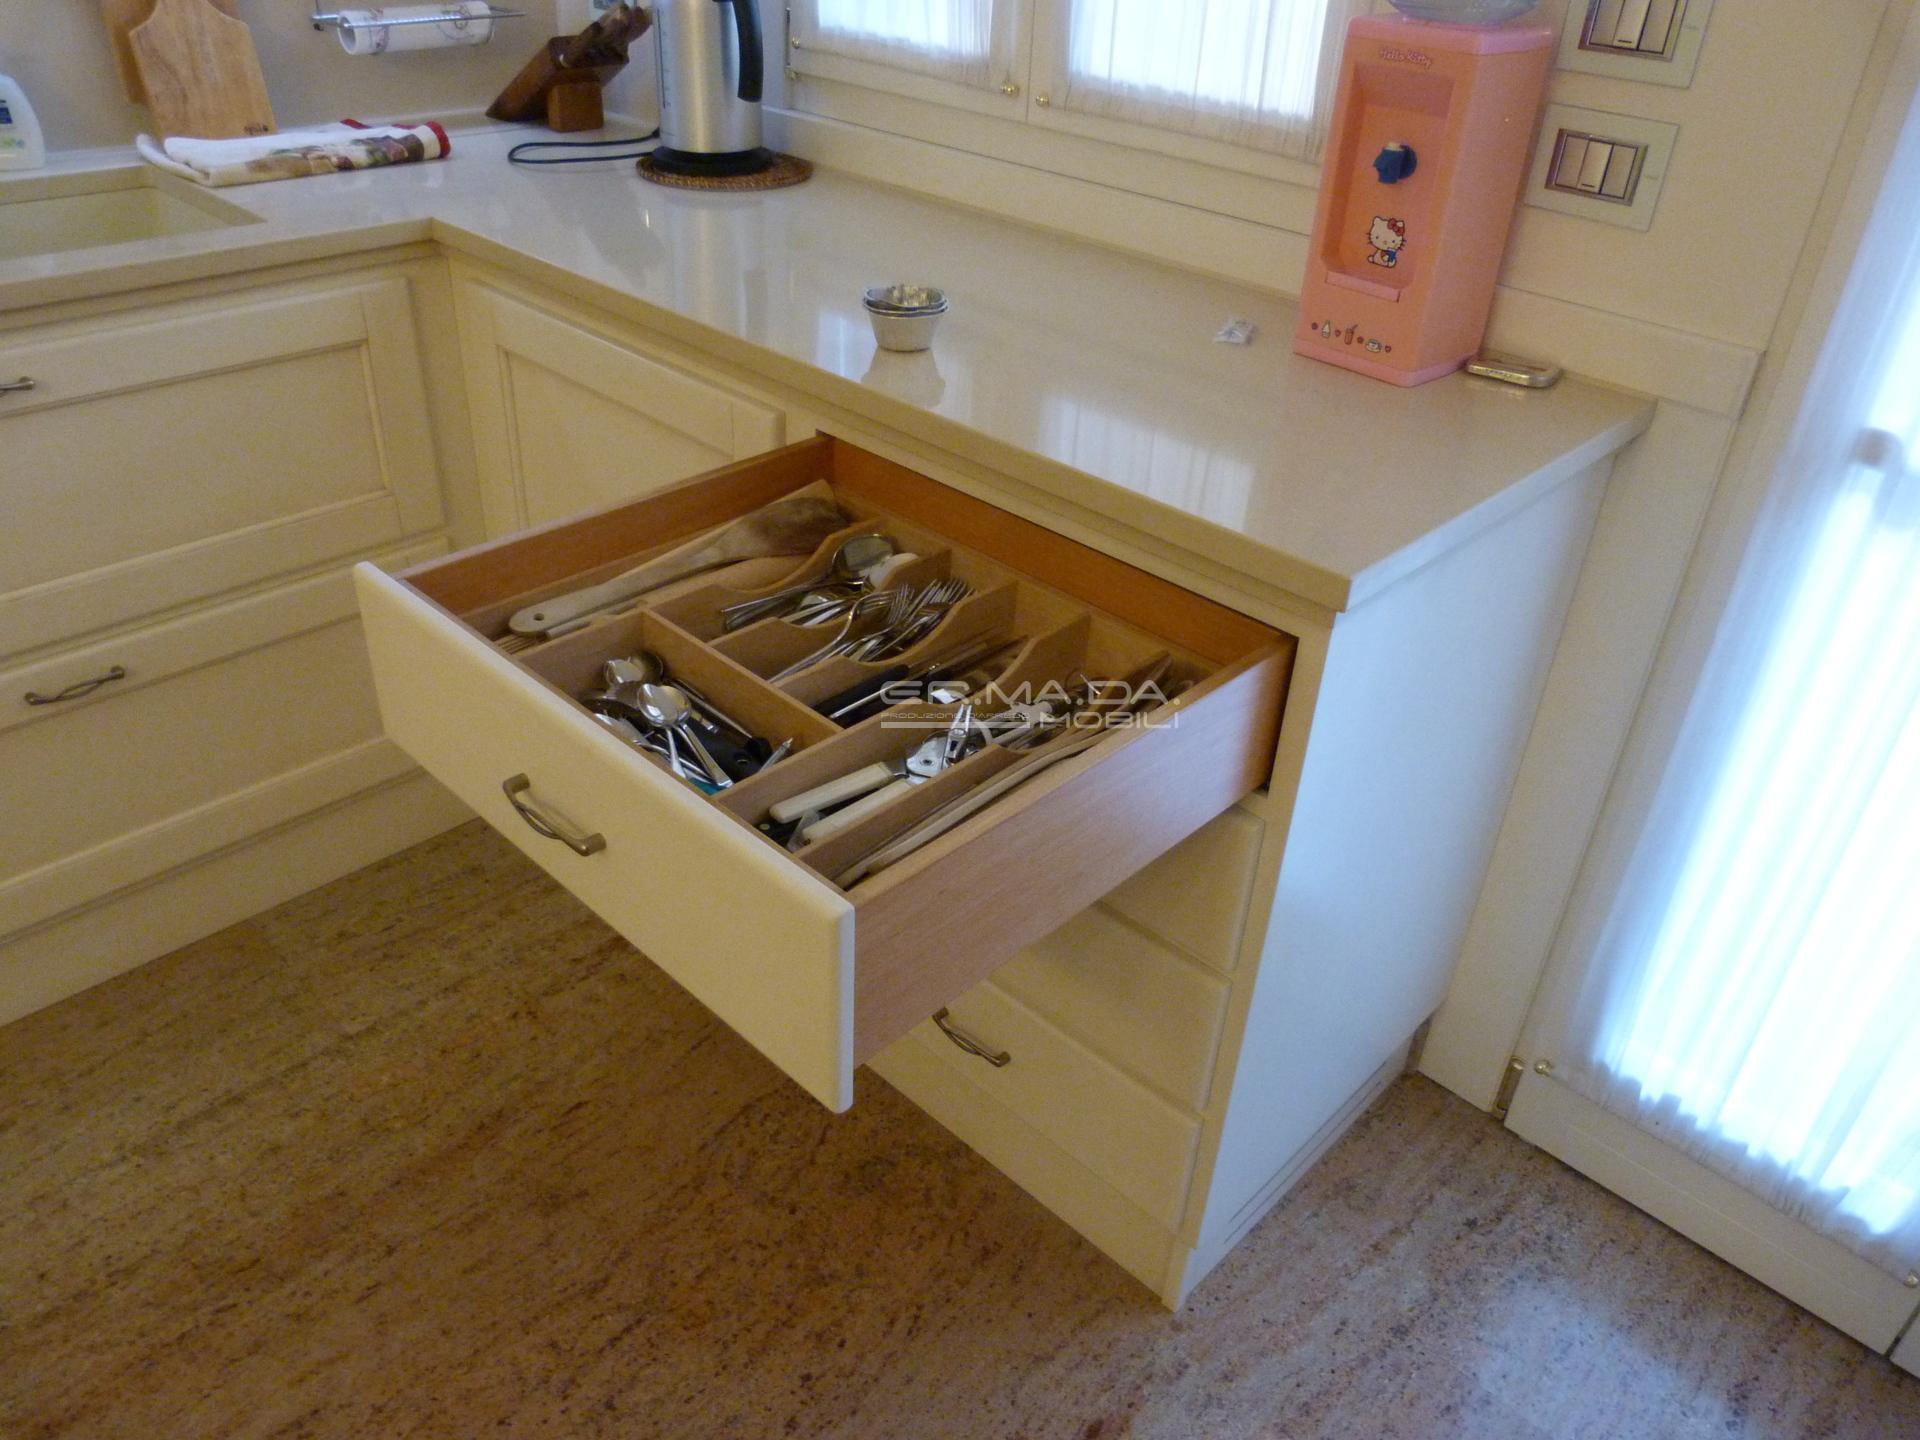 Cucina laccata bianco pattinato 11 er ma da for Progetta i tuoi mobili online